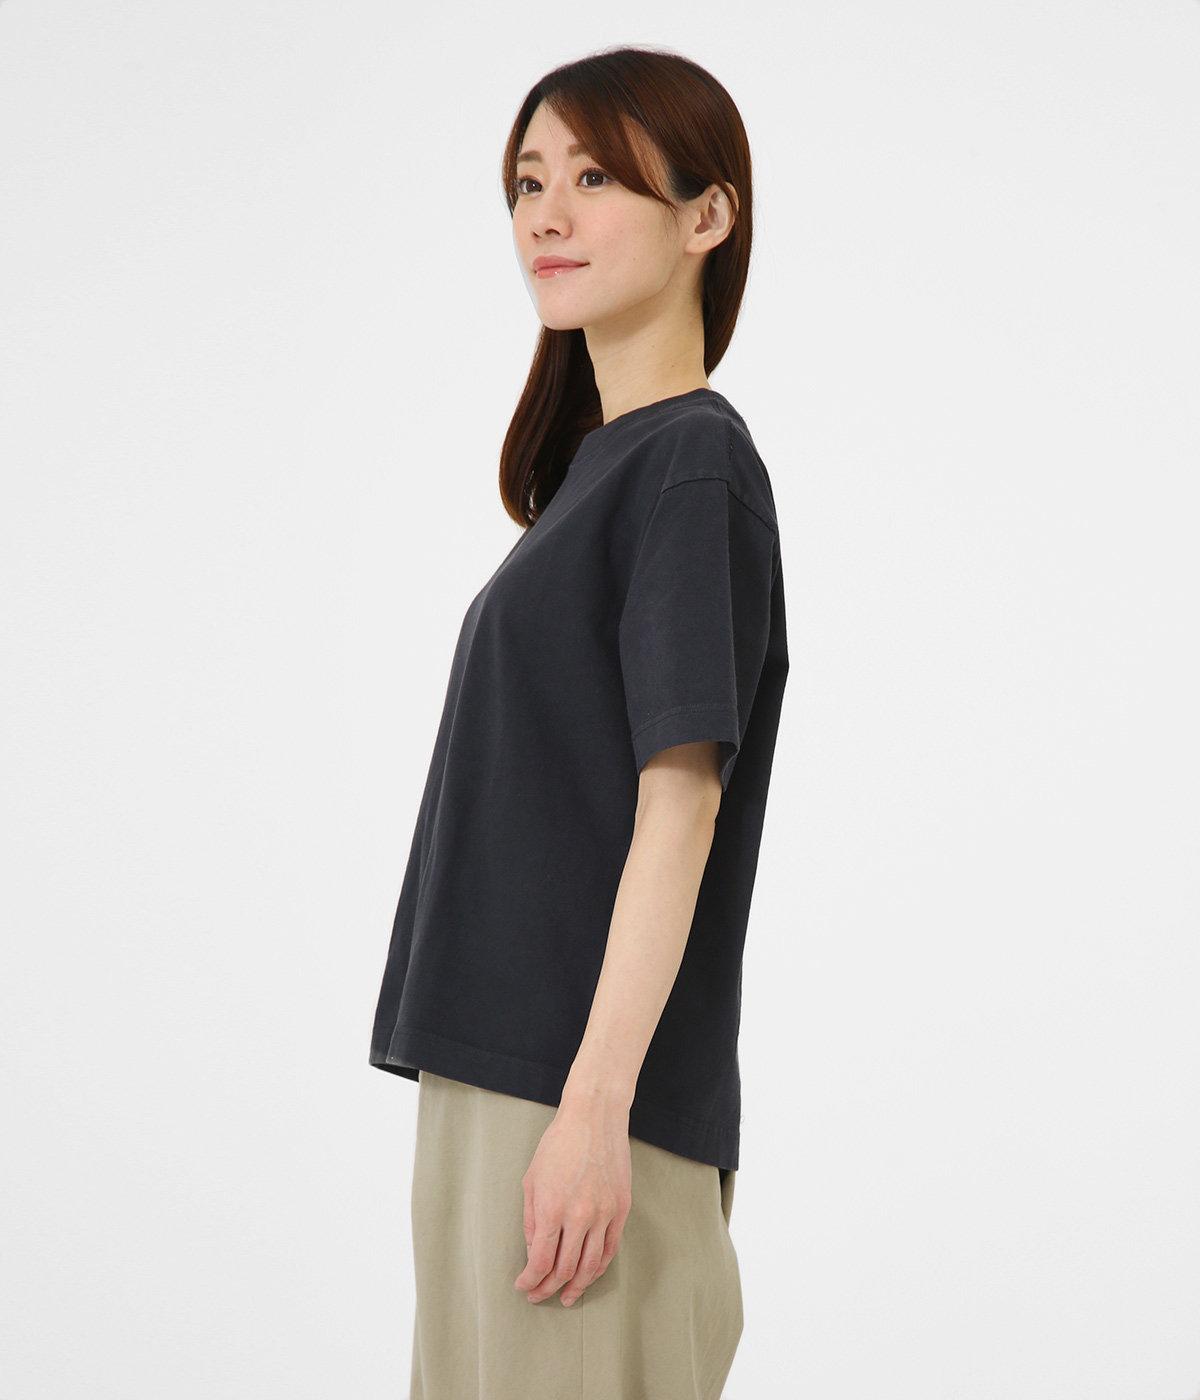 【レディース】FN-WN-TSHI000298(t-shirt)